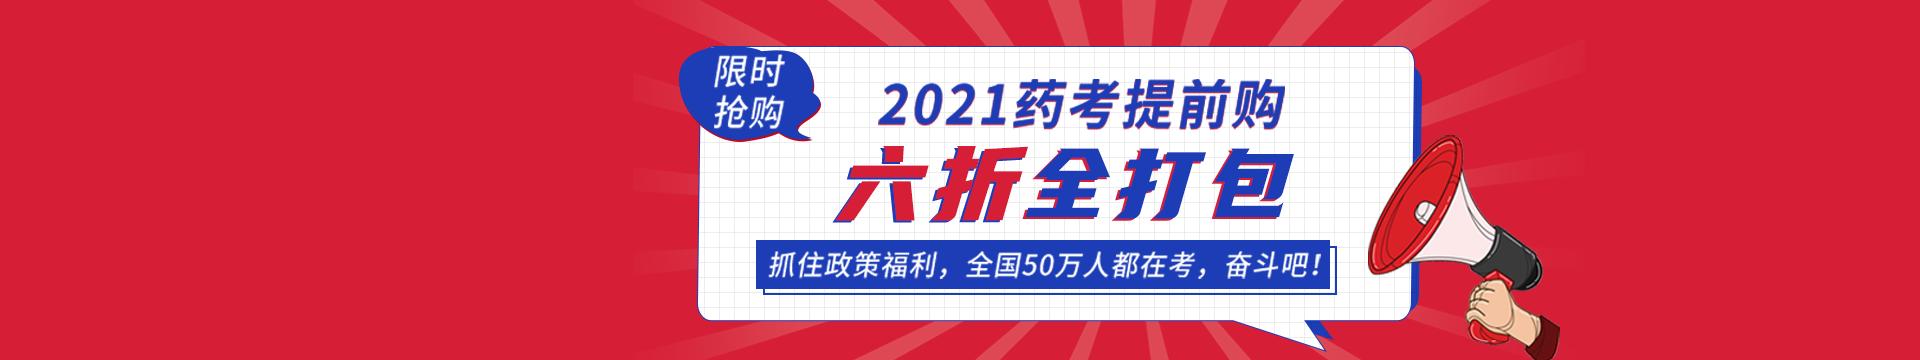 2021药考提前购